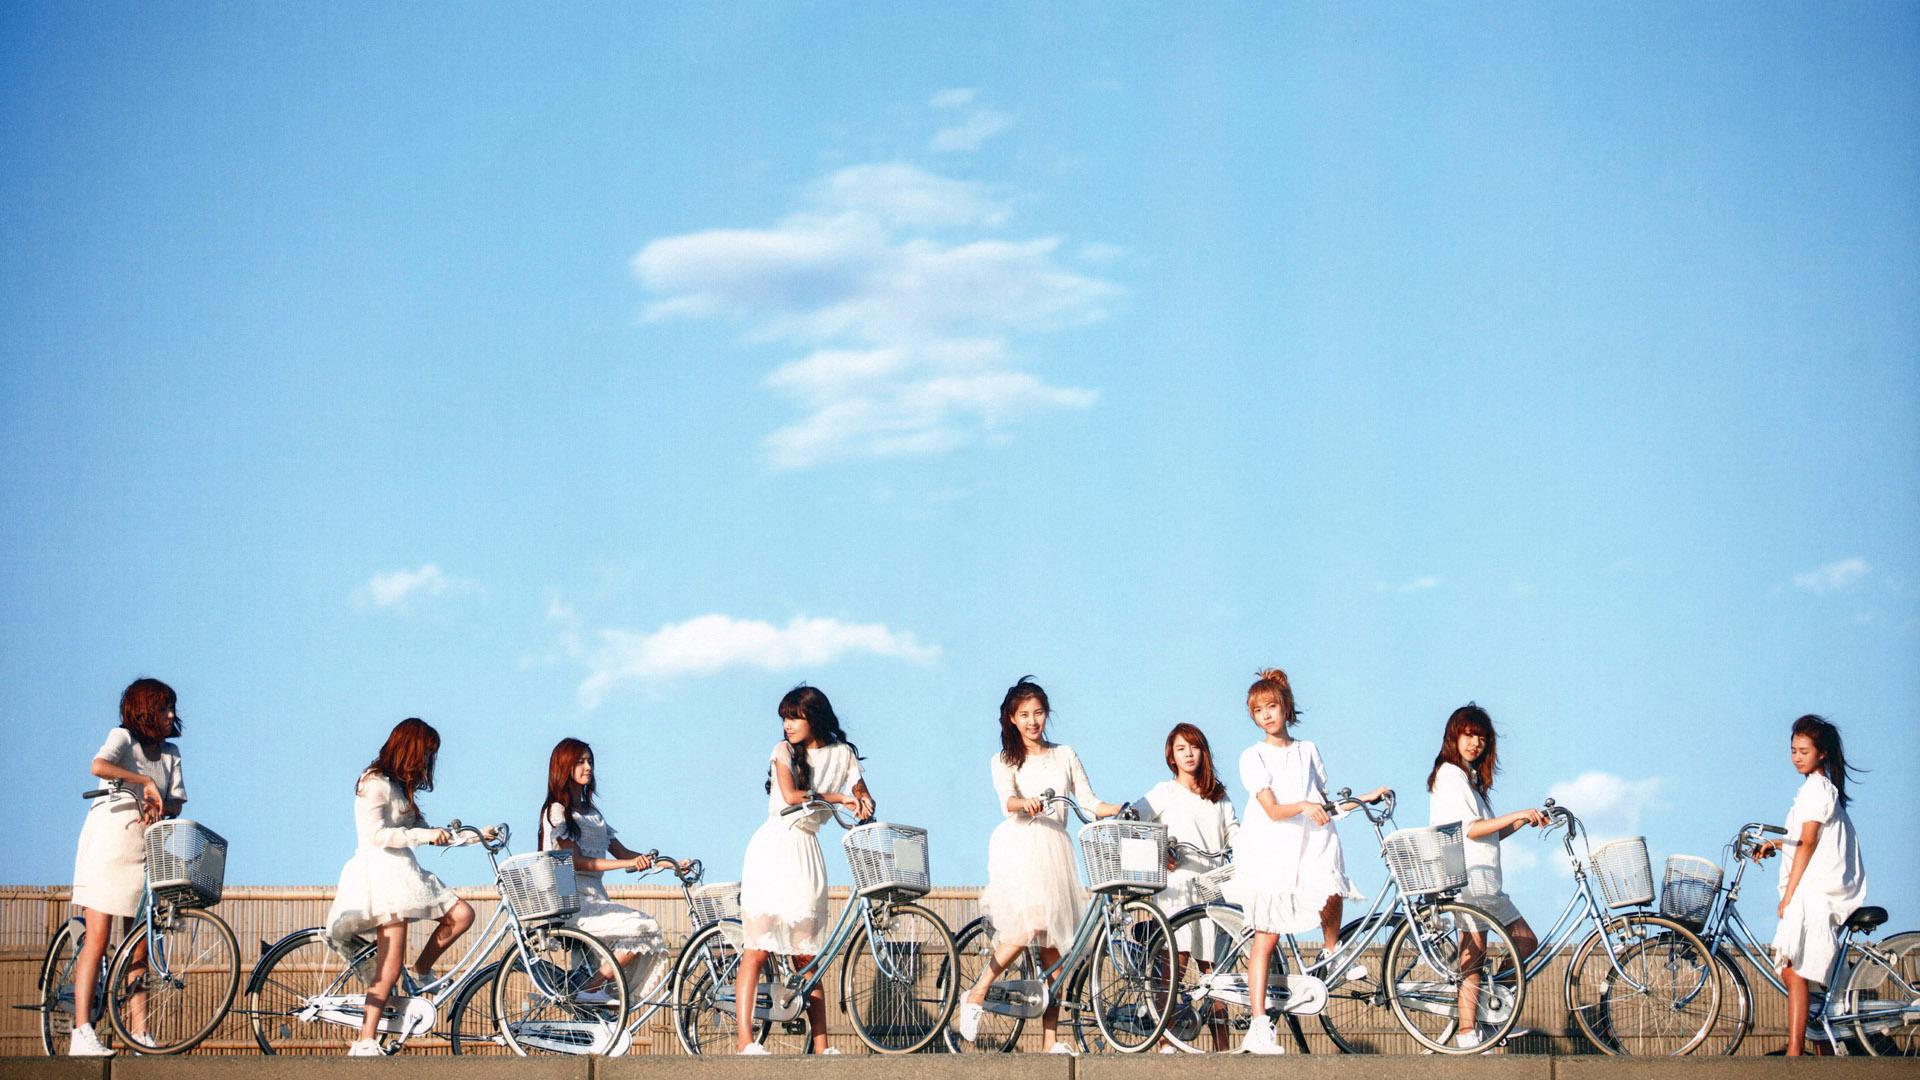 SNSD 少女時代 소녀시대 写真集